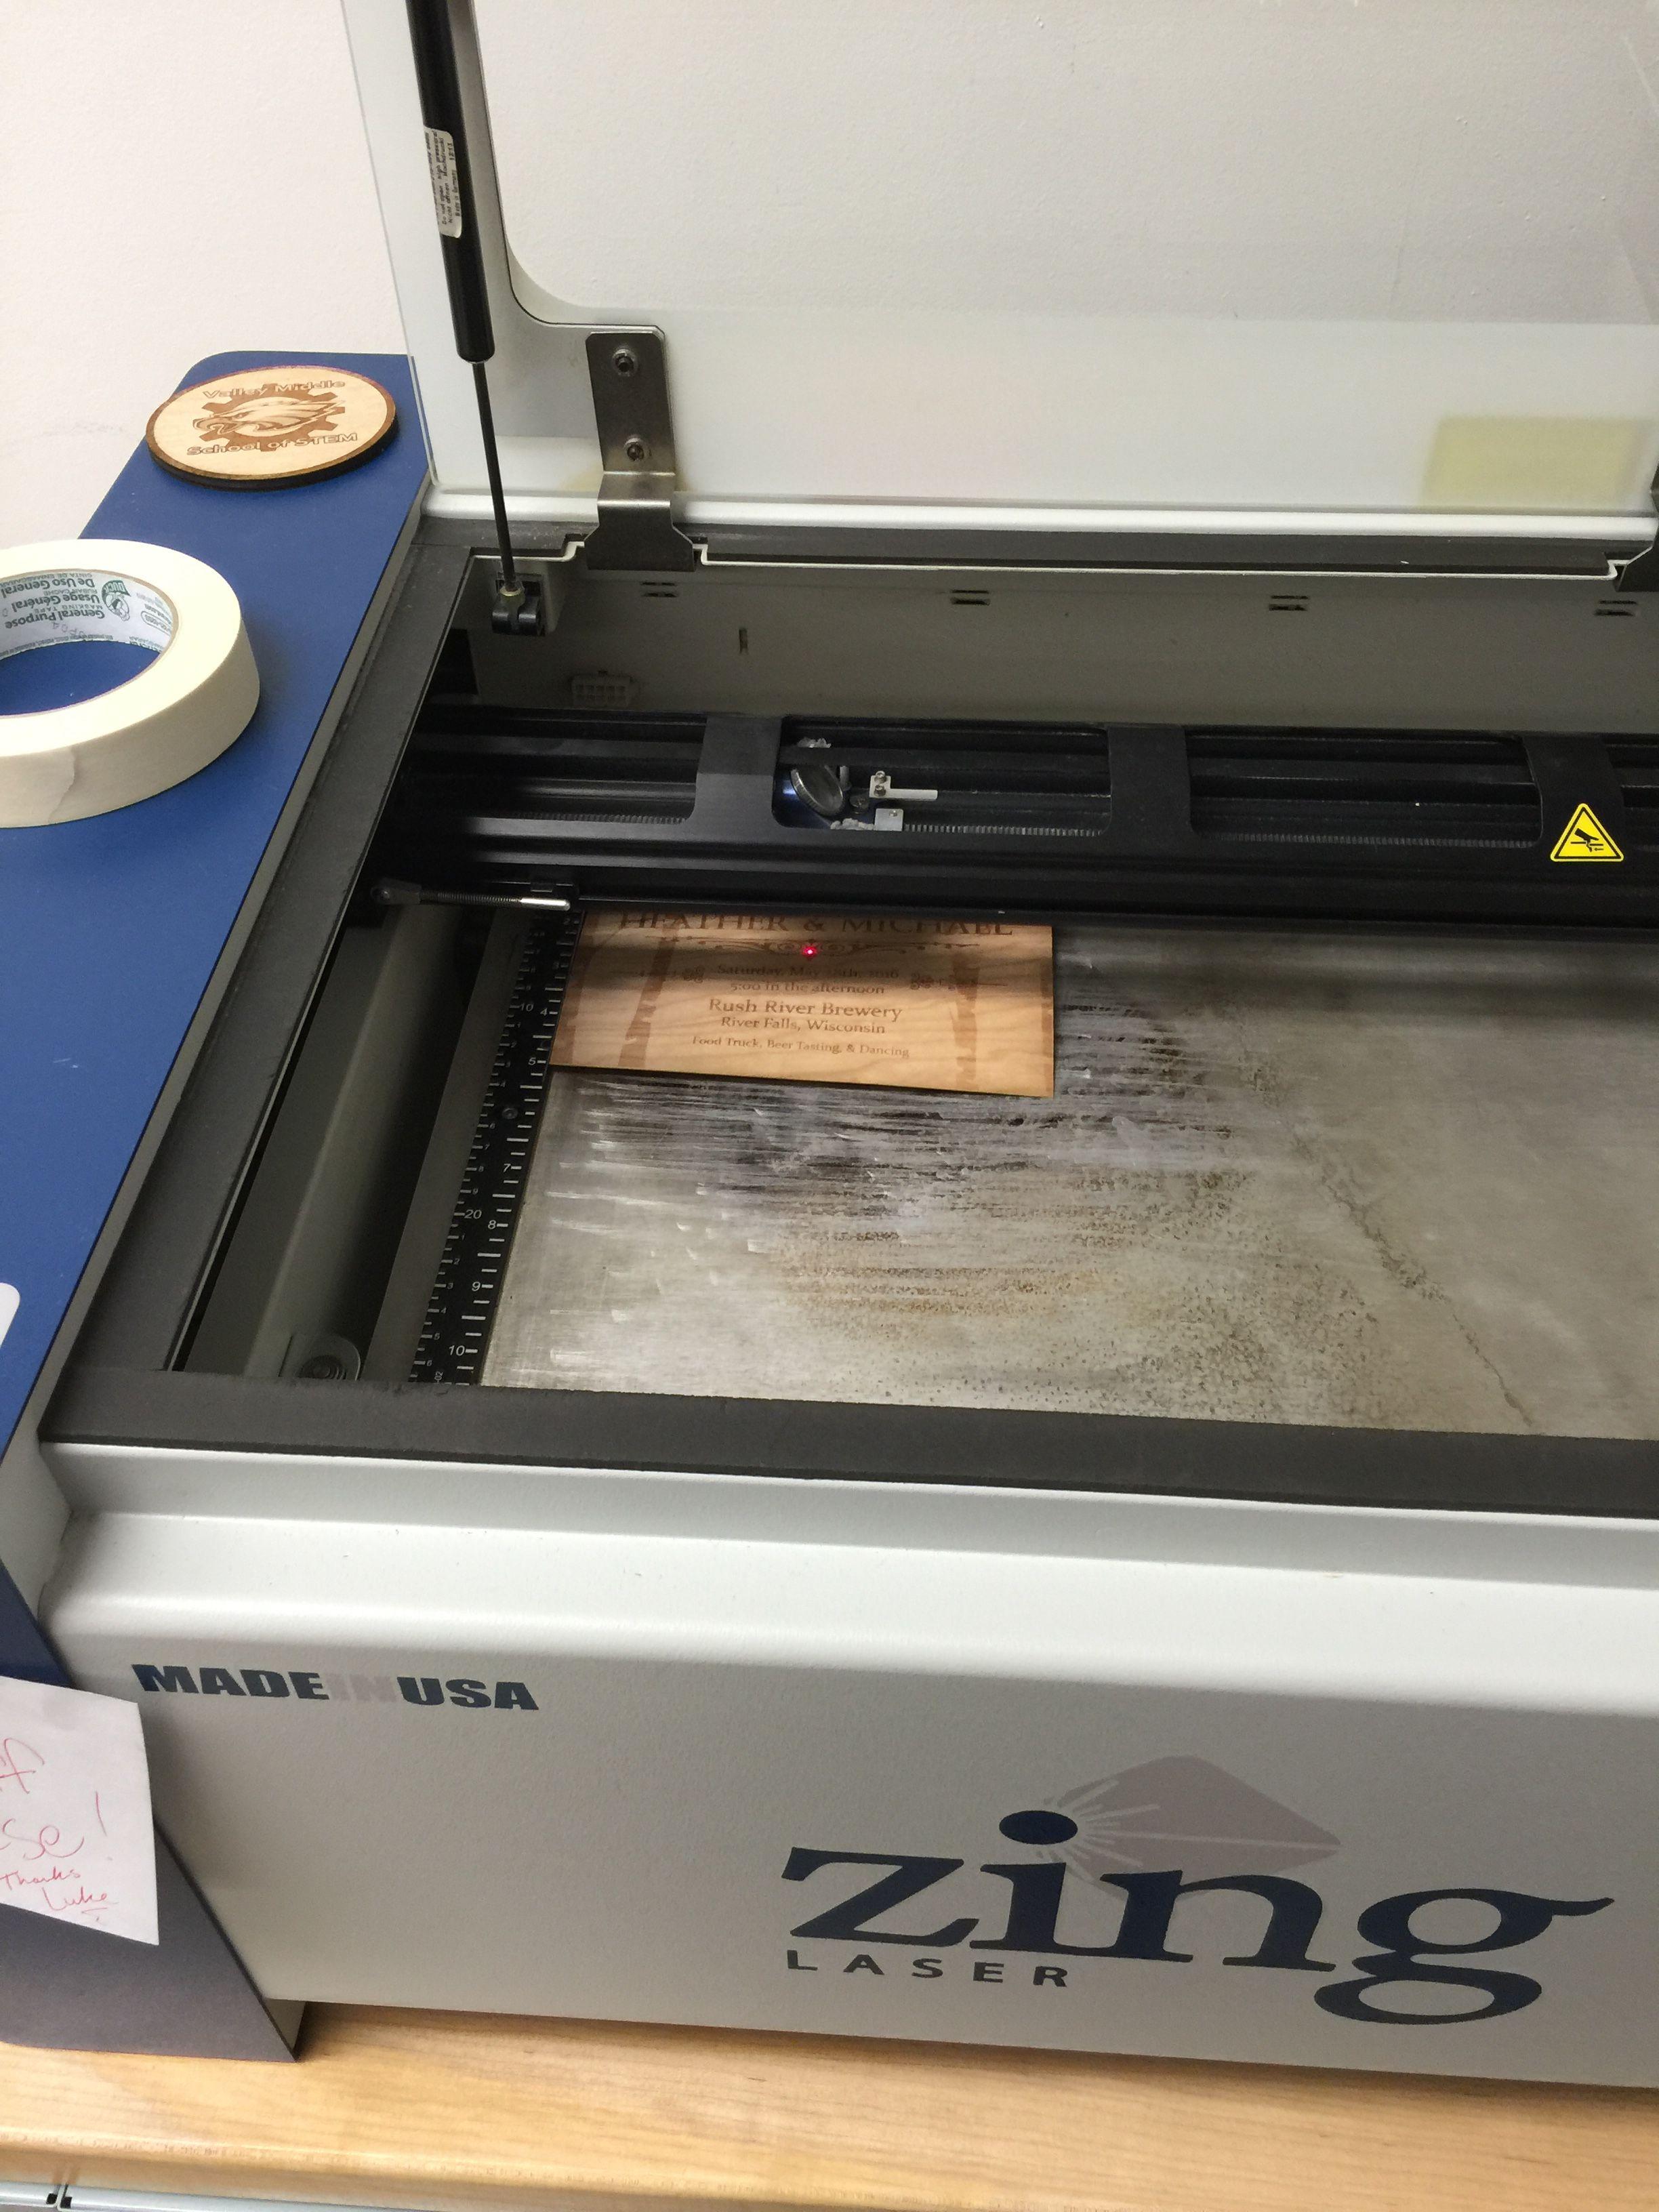 30 Watt Epilog Zing Laser Engraving Wood Veneer Wedding Invite Laser Engraved Wood Laser Engraving Labs Project